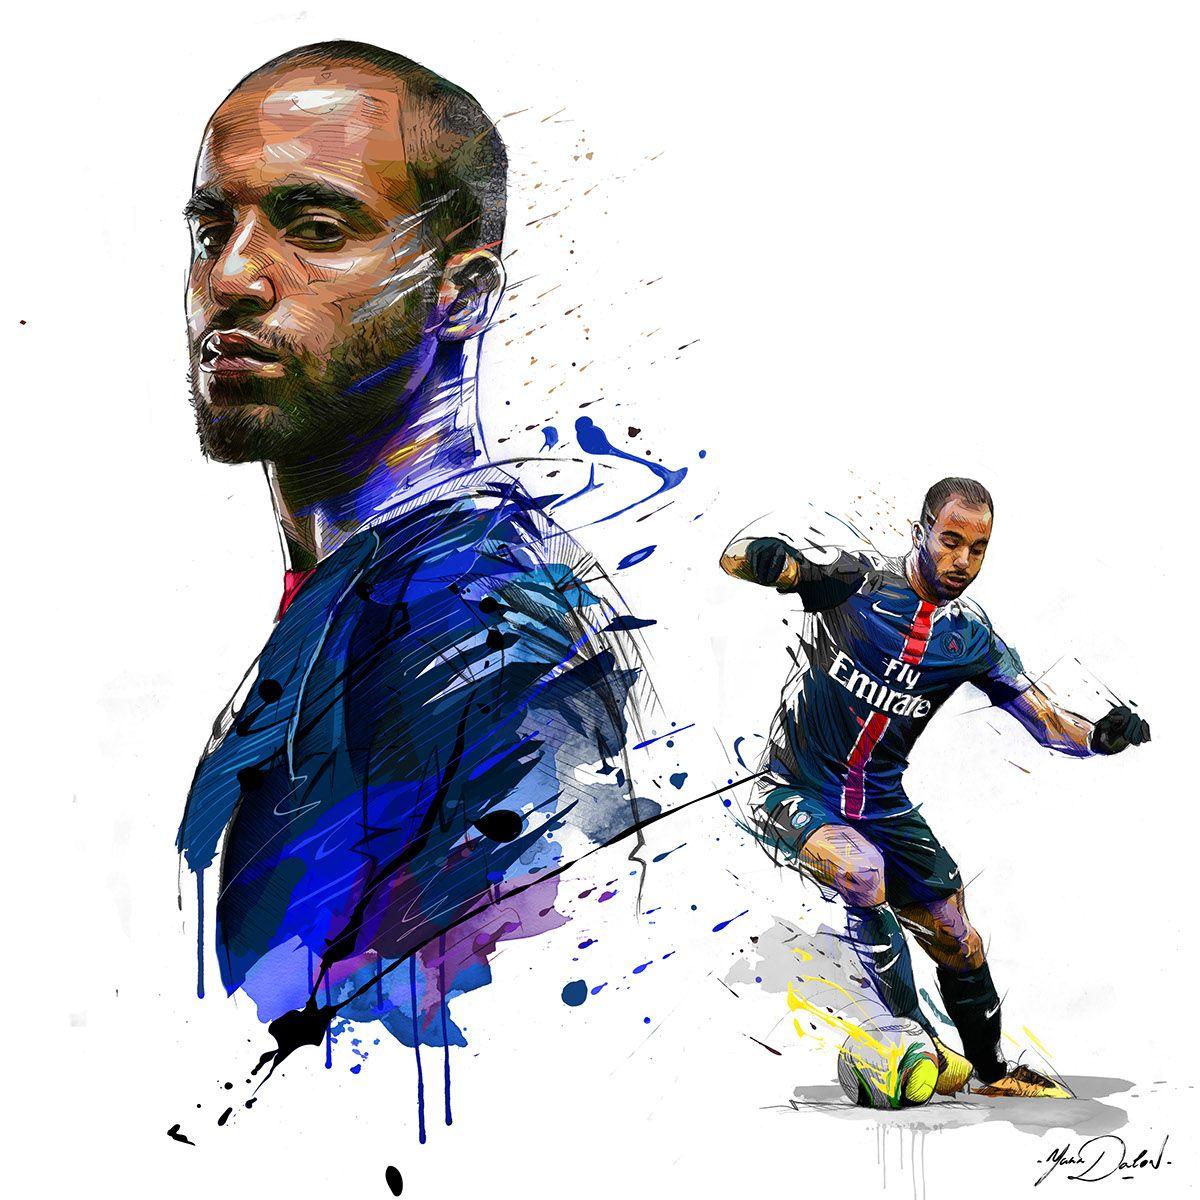 Lucas Moura Fifa: Las Ilustraciones Deportivas De Yann Dalon 11